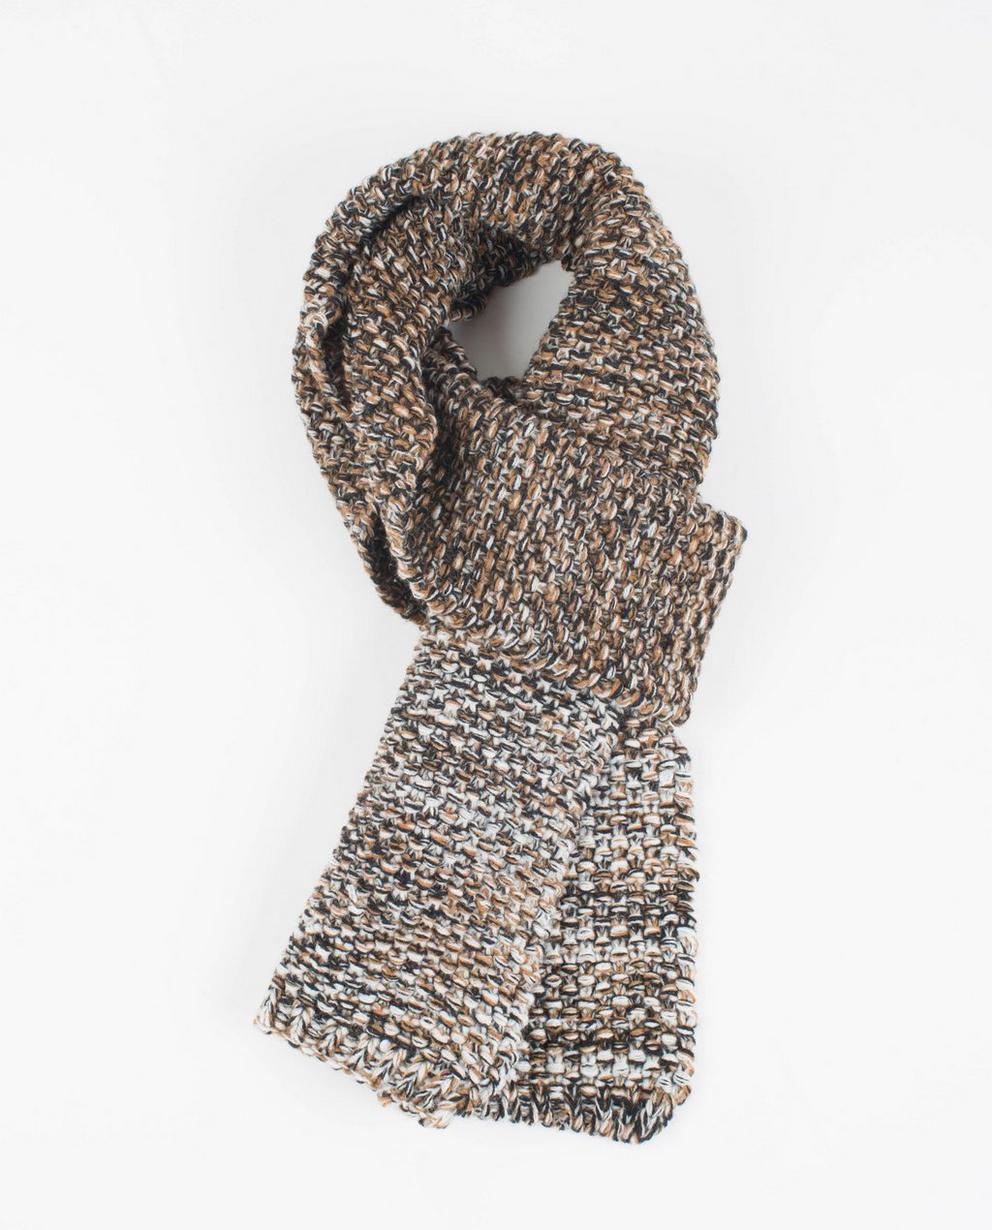 Écharpe brune tricotée - accents noirs et beiges - JBC